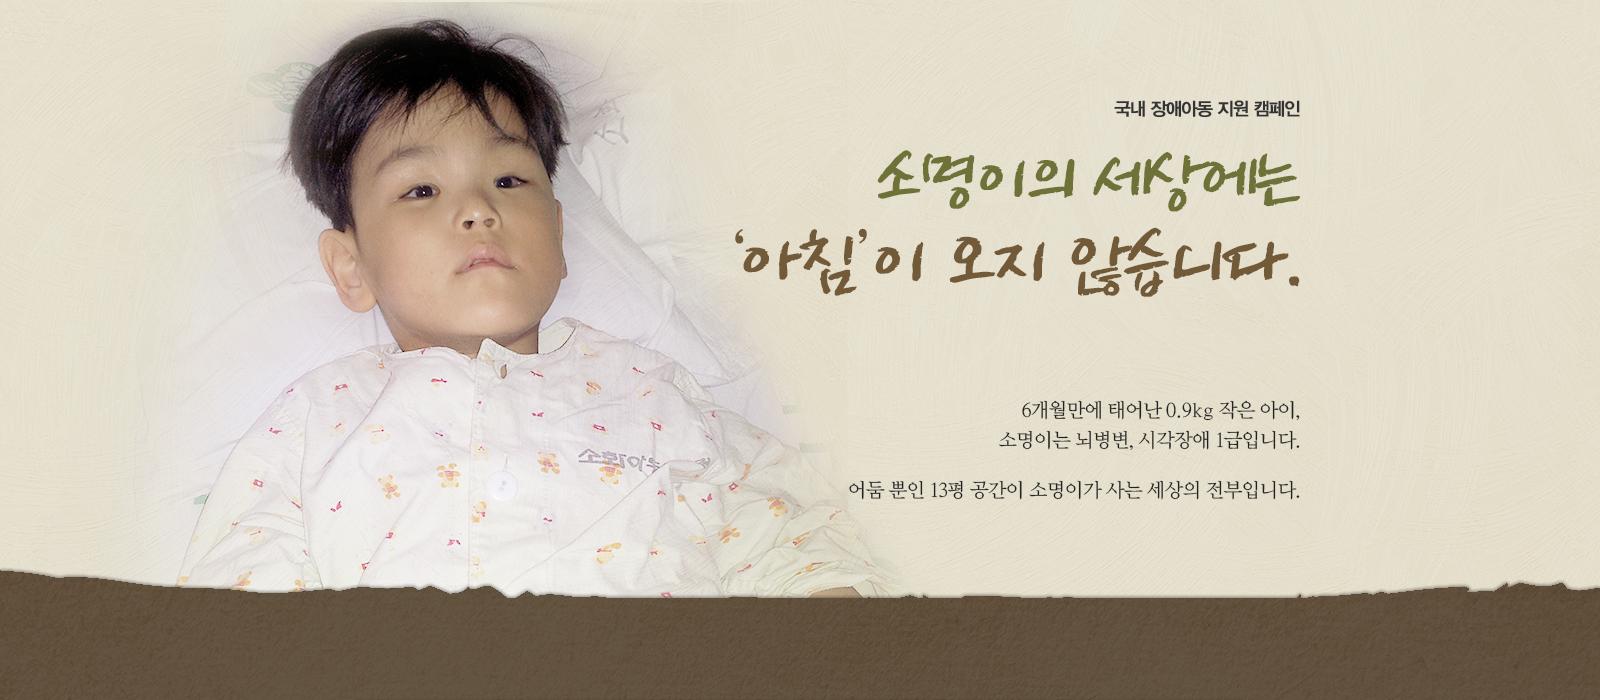 국내 장애아동 지원하기 캠페인 베너